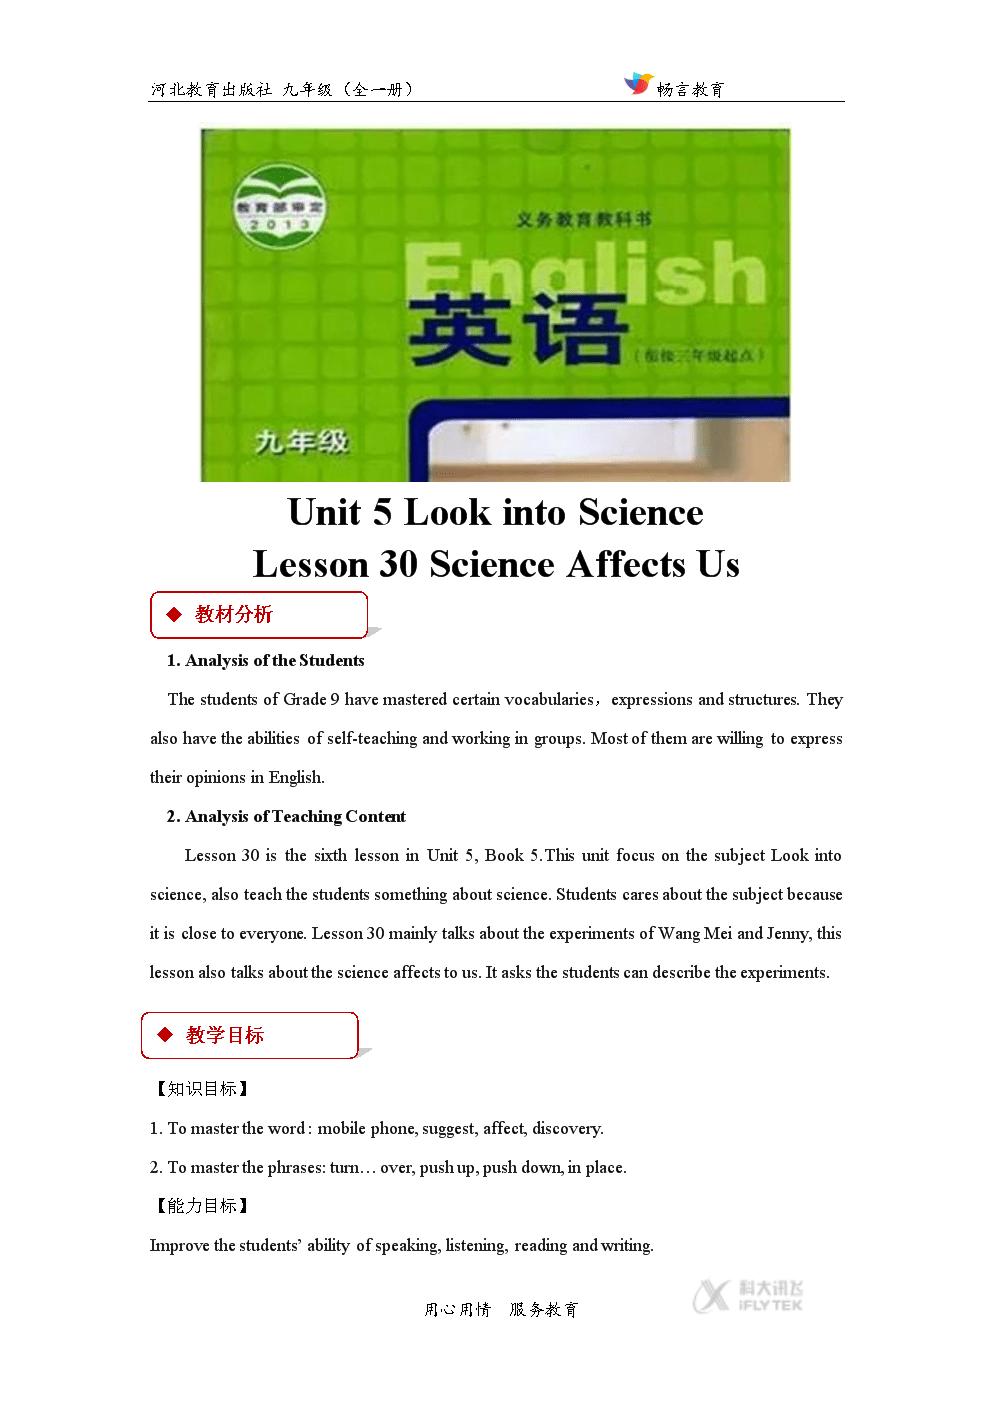 【教学设计】Unit 5 Lesson 30(冀教).docx